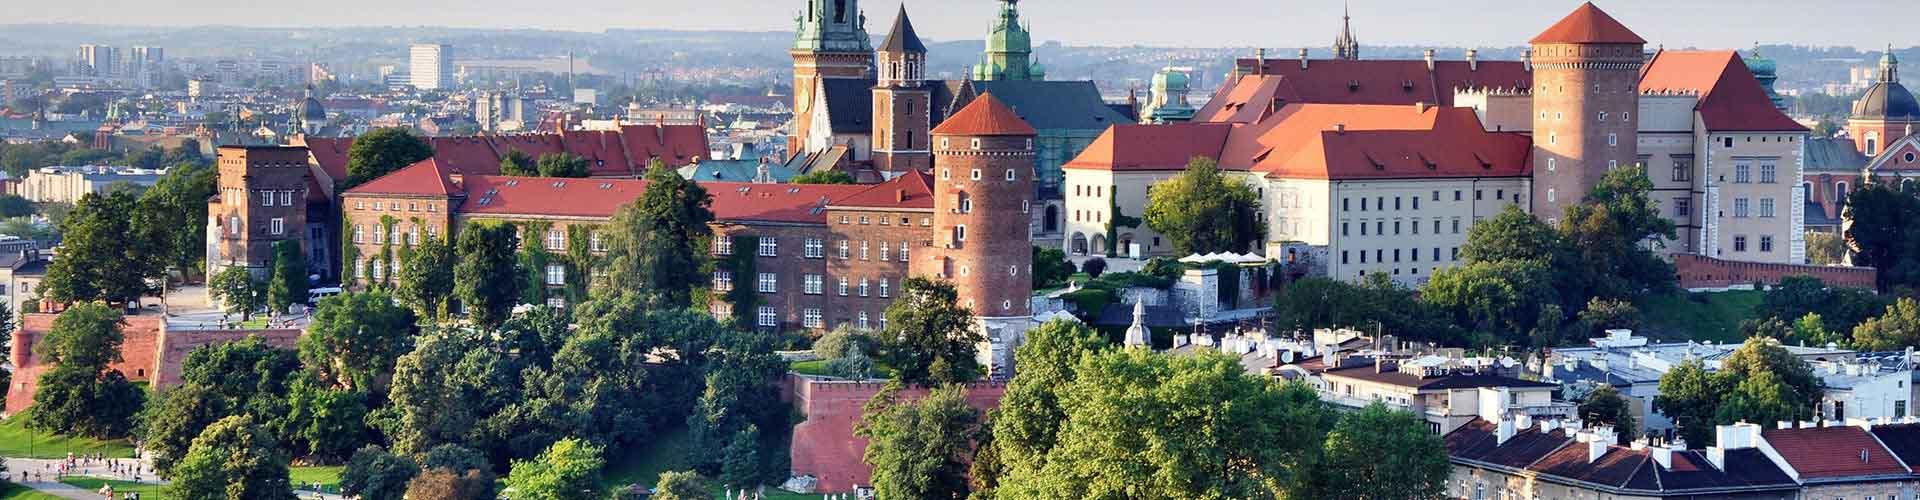 Cracóvia – Camping em Cracóvia. Mapas para Cracóvia, Fotos e Avaliações para cada camping em Cracóvia.